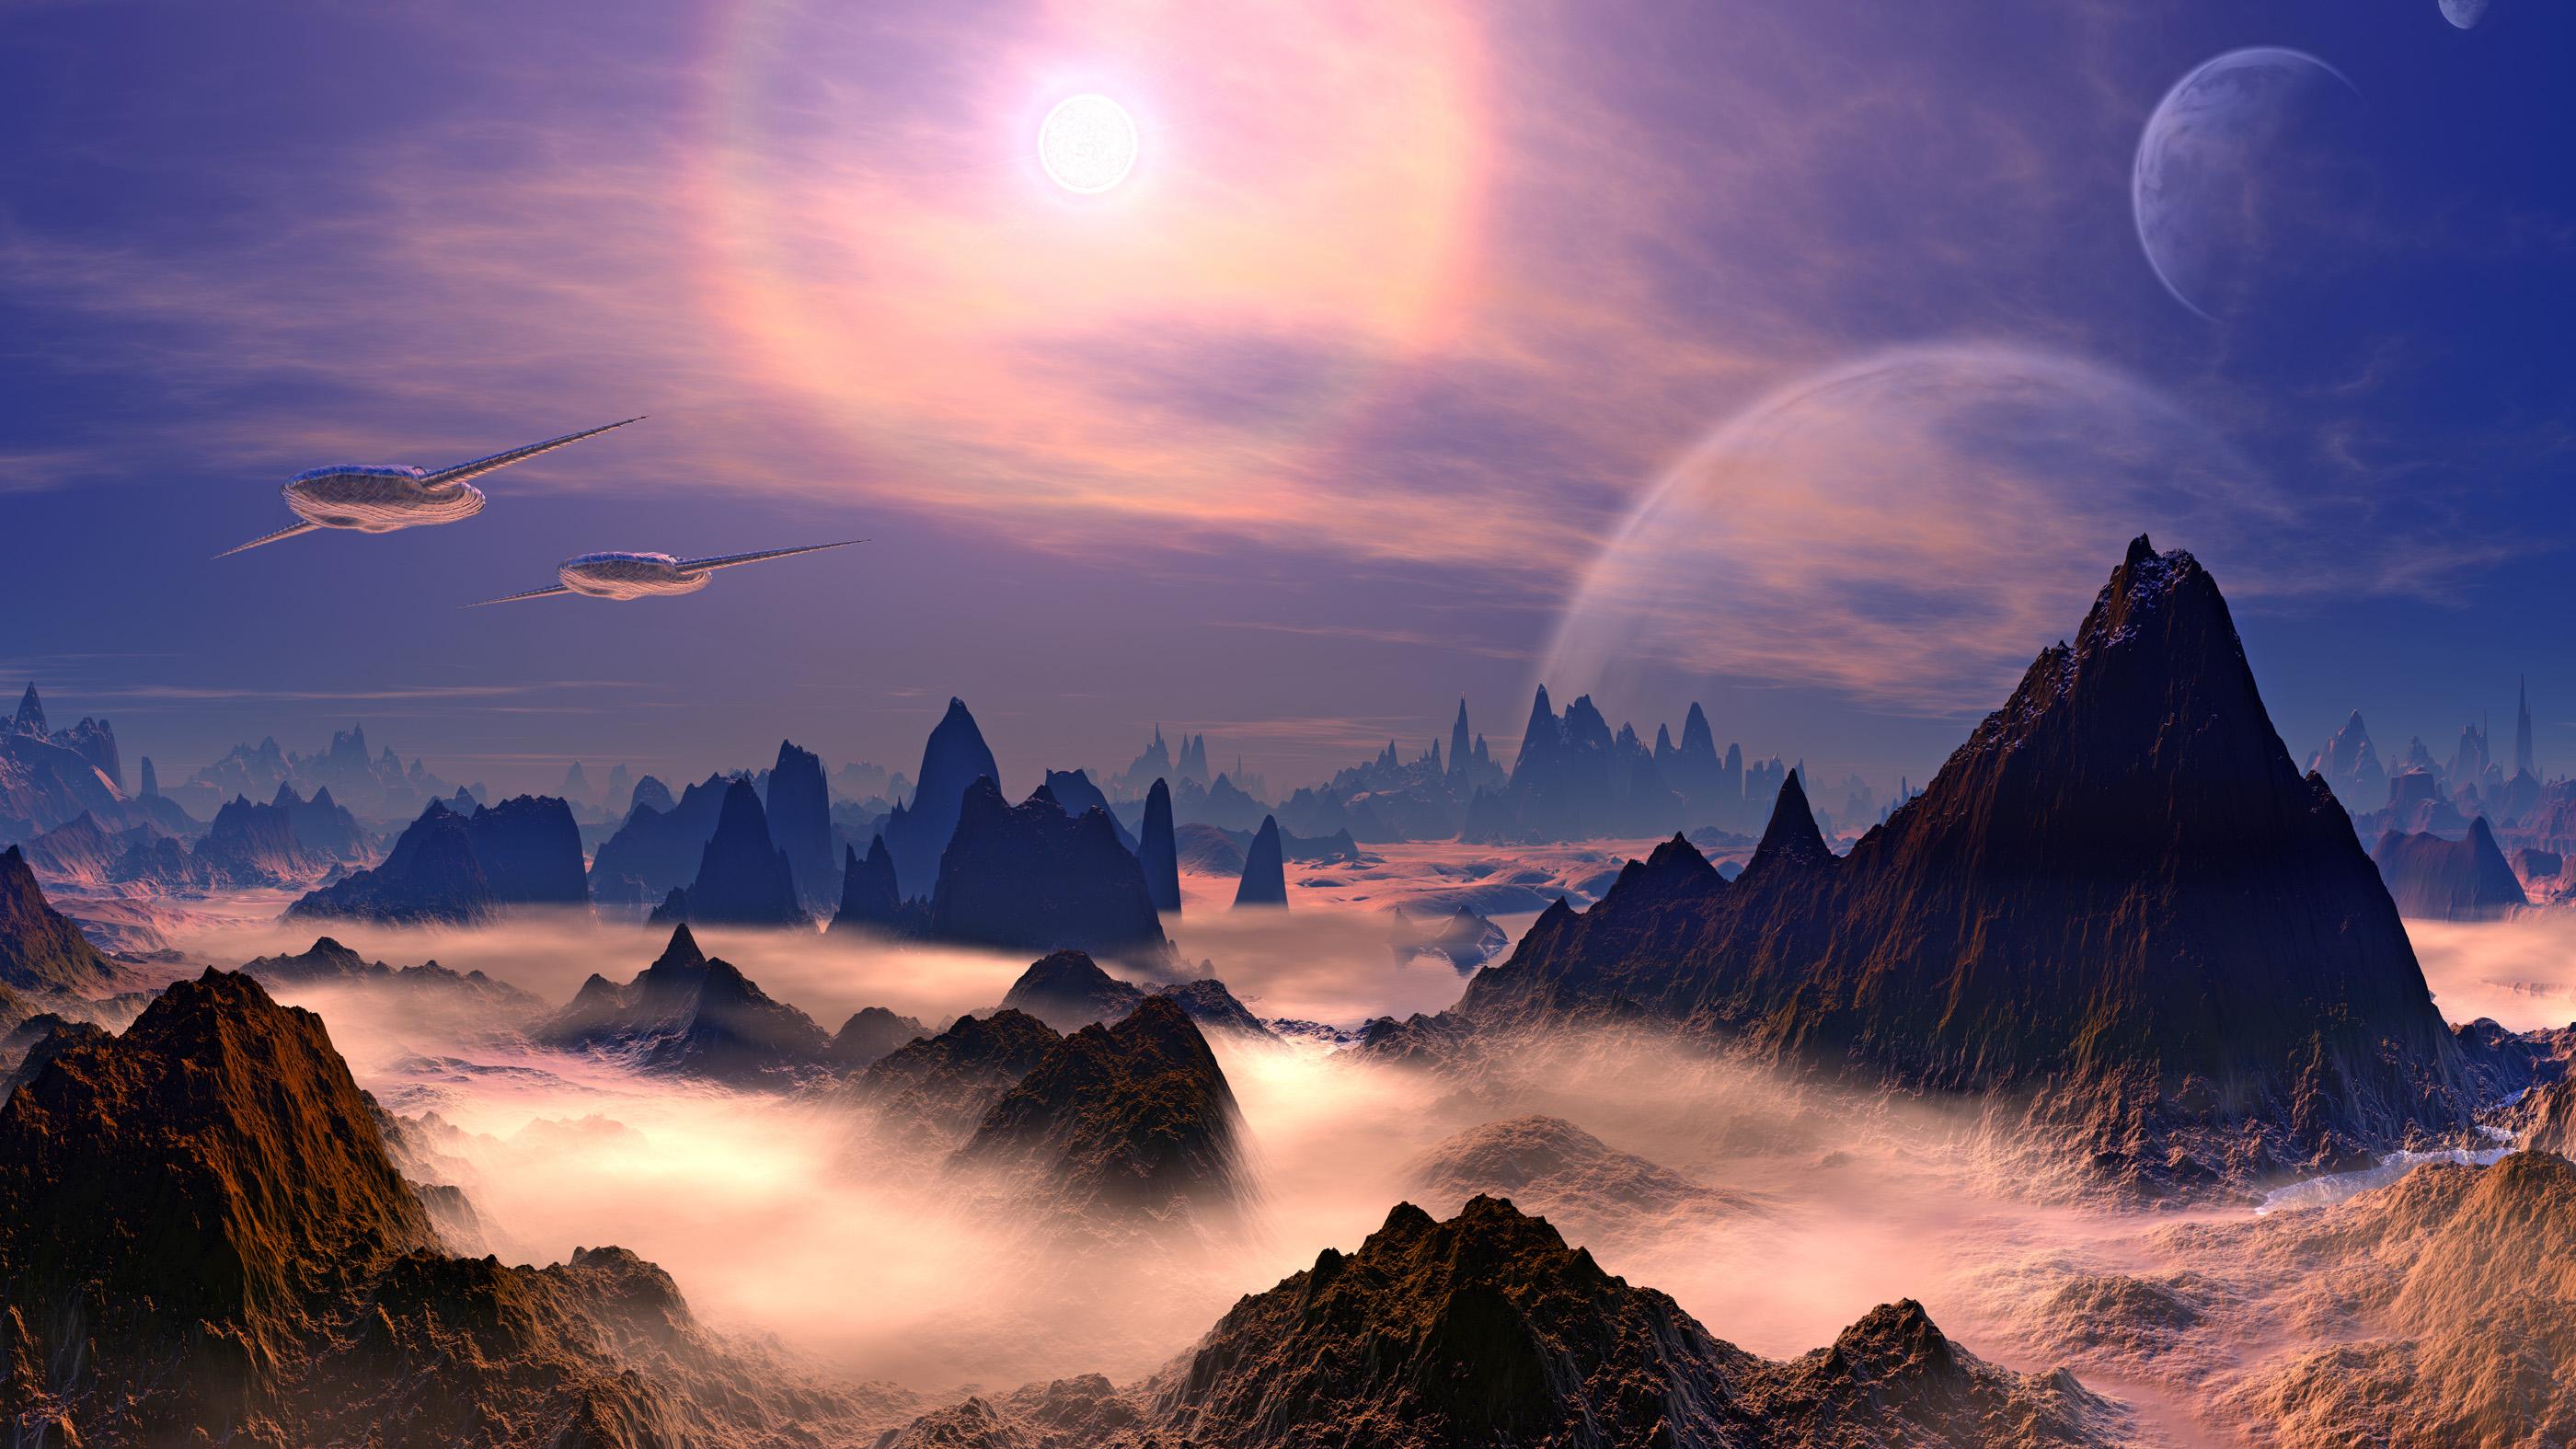 Vaisseaux spatiaux extraterrestres au-dessus de la planète rocheuse.